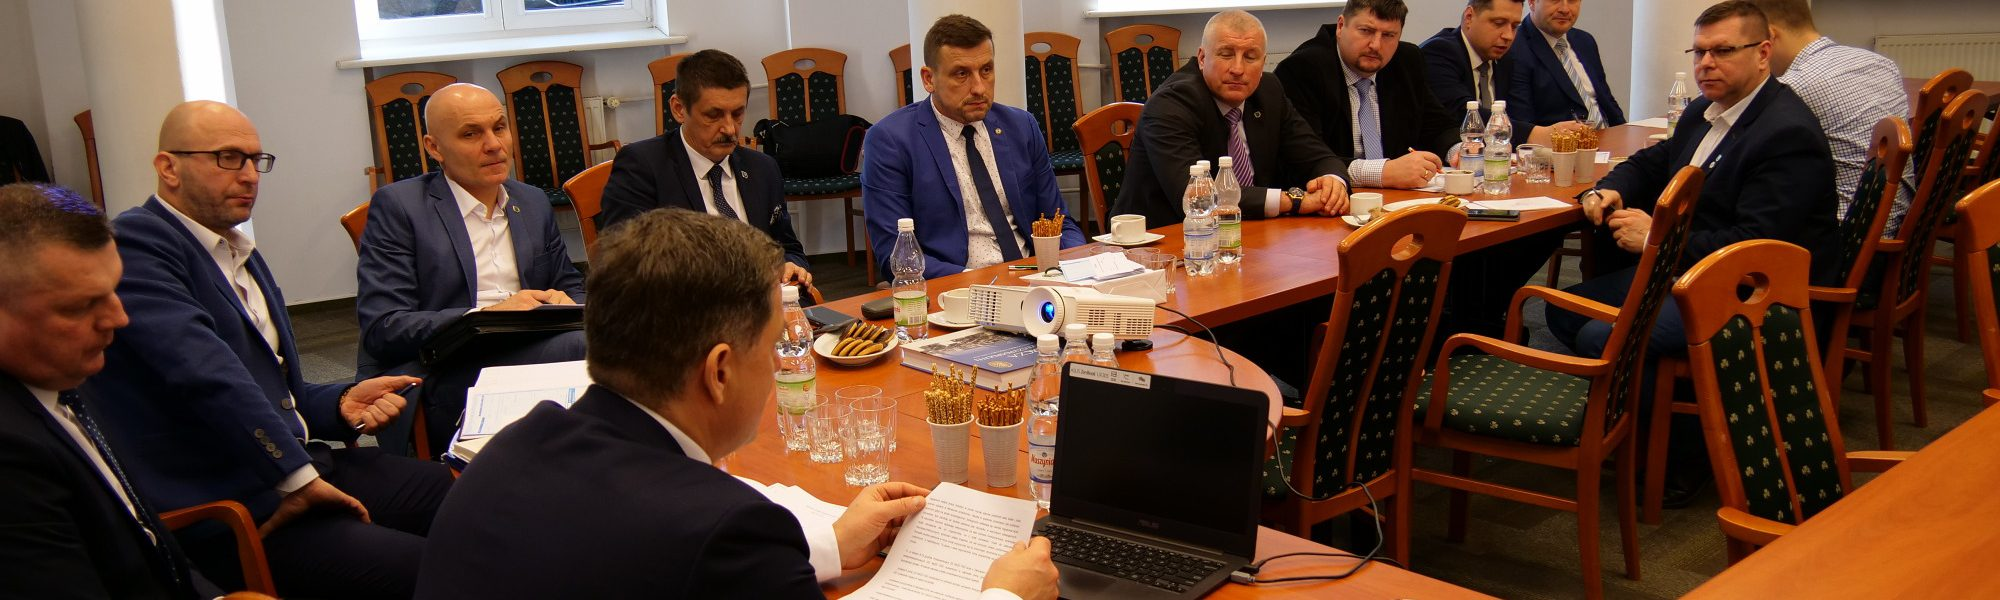 Posiedzenie Zarządu Głównego NSZZ FSG